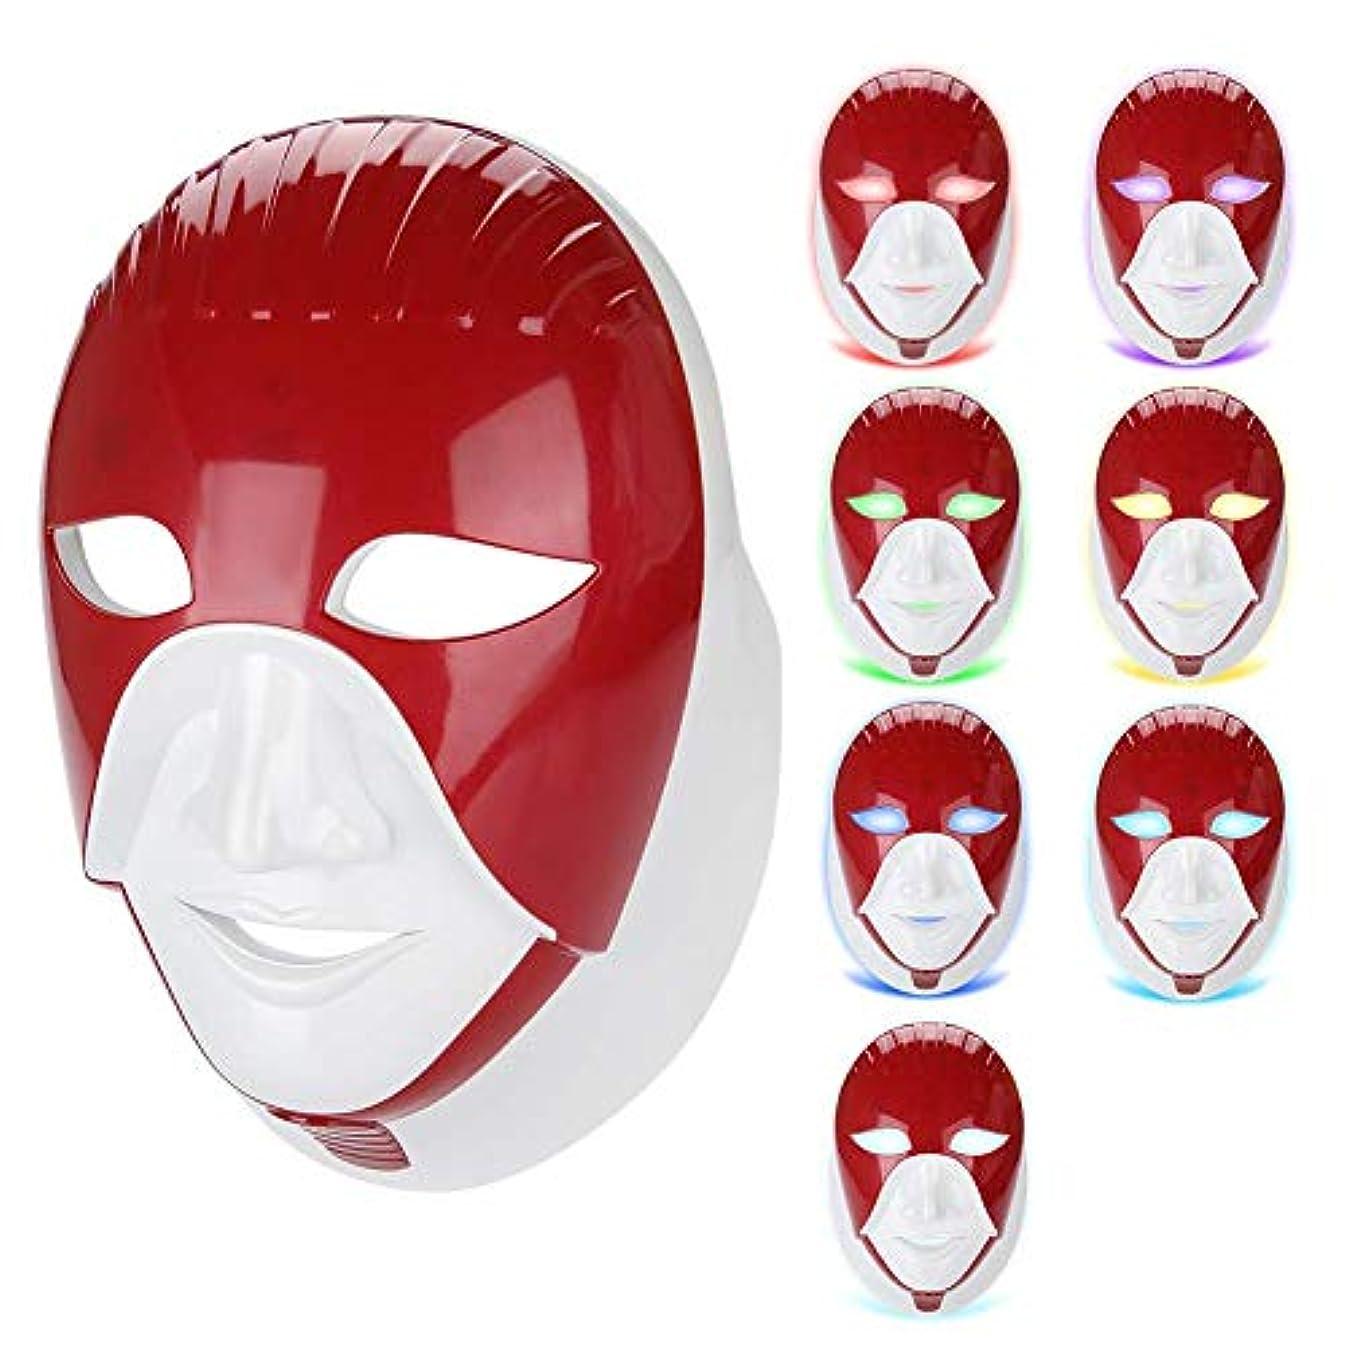 エントリジャンピングジャック頻繁にフォトンセラピーフェイシャルネックマスクアンチリンクルスキンリジュビネーション7色美容機器美容マスク(アルミボックス)